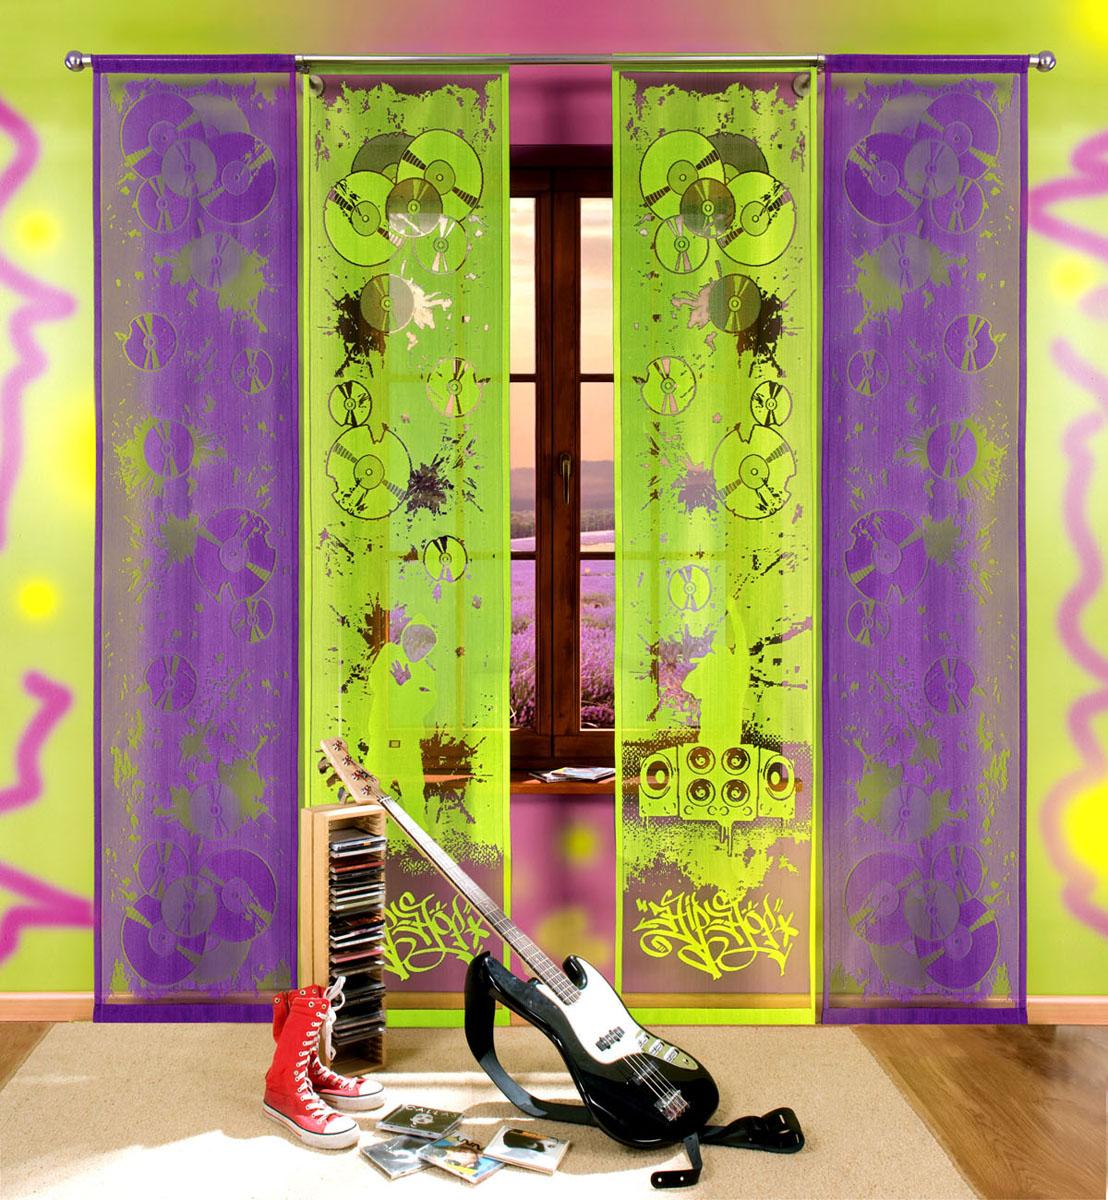 Комплект гардин-панно Hip-hop, на кулиске, цвет: зеленый, фиолетовый, высота 240 см